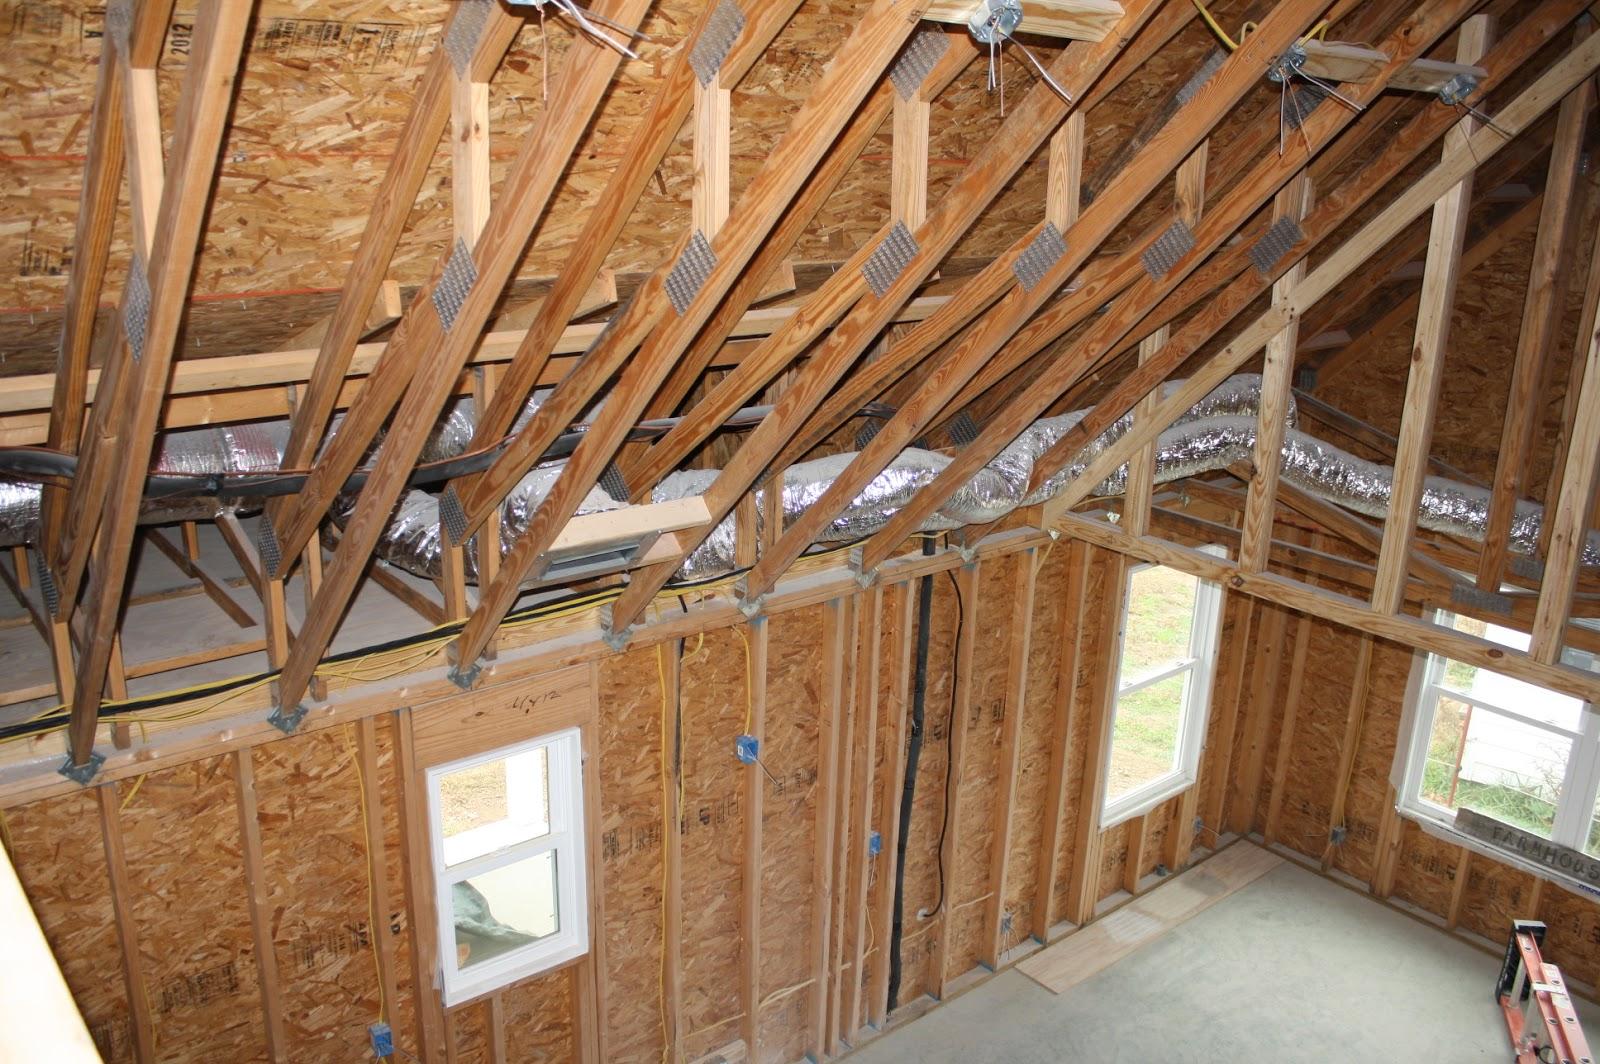 medium resolution of wiring barn lights wiring diagram wiring barn lights